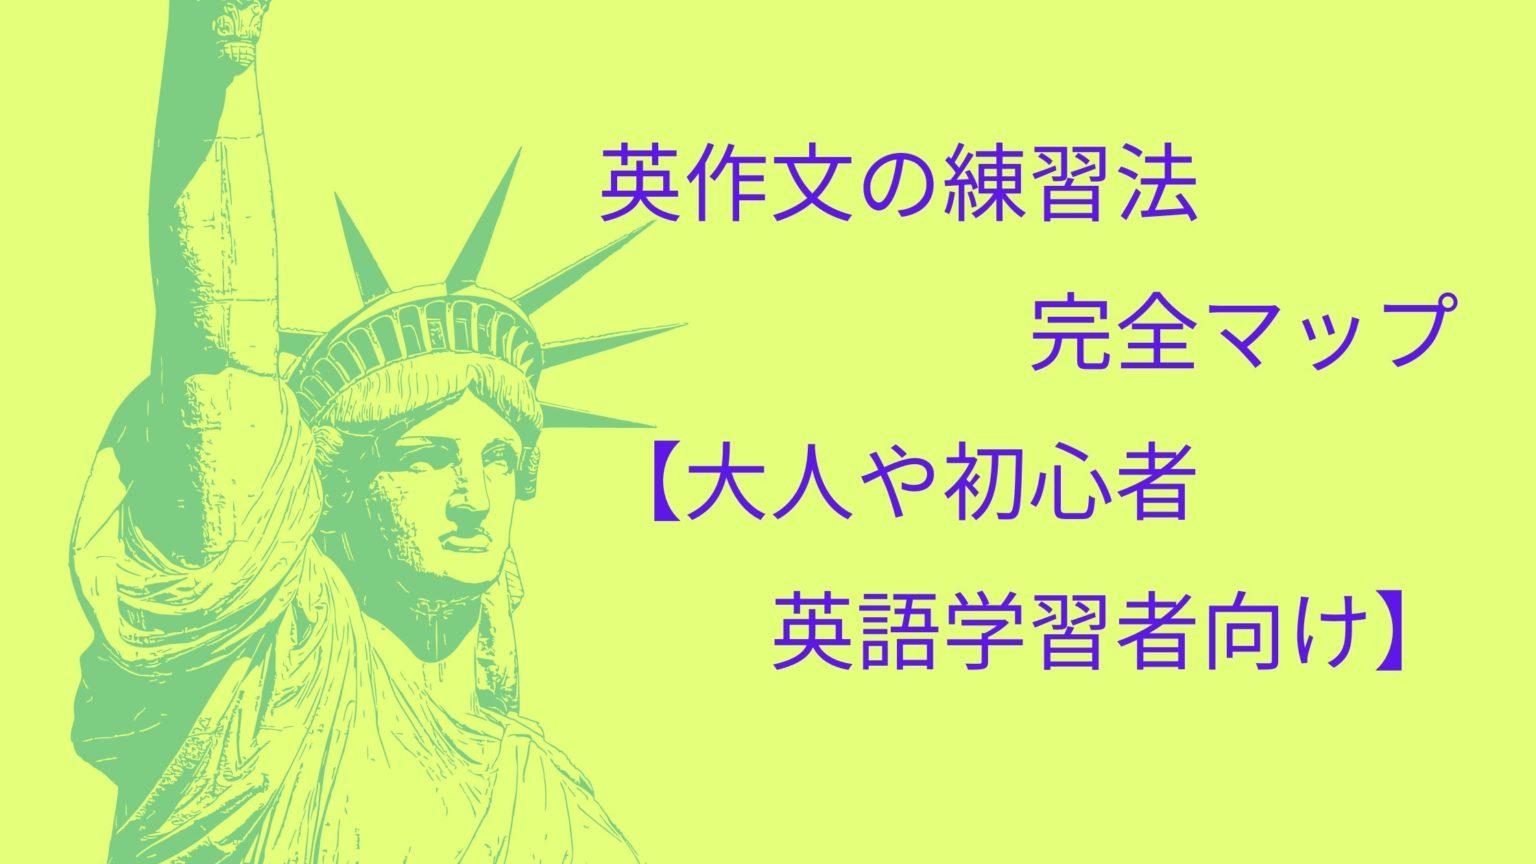 英作文練習法完全マップ